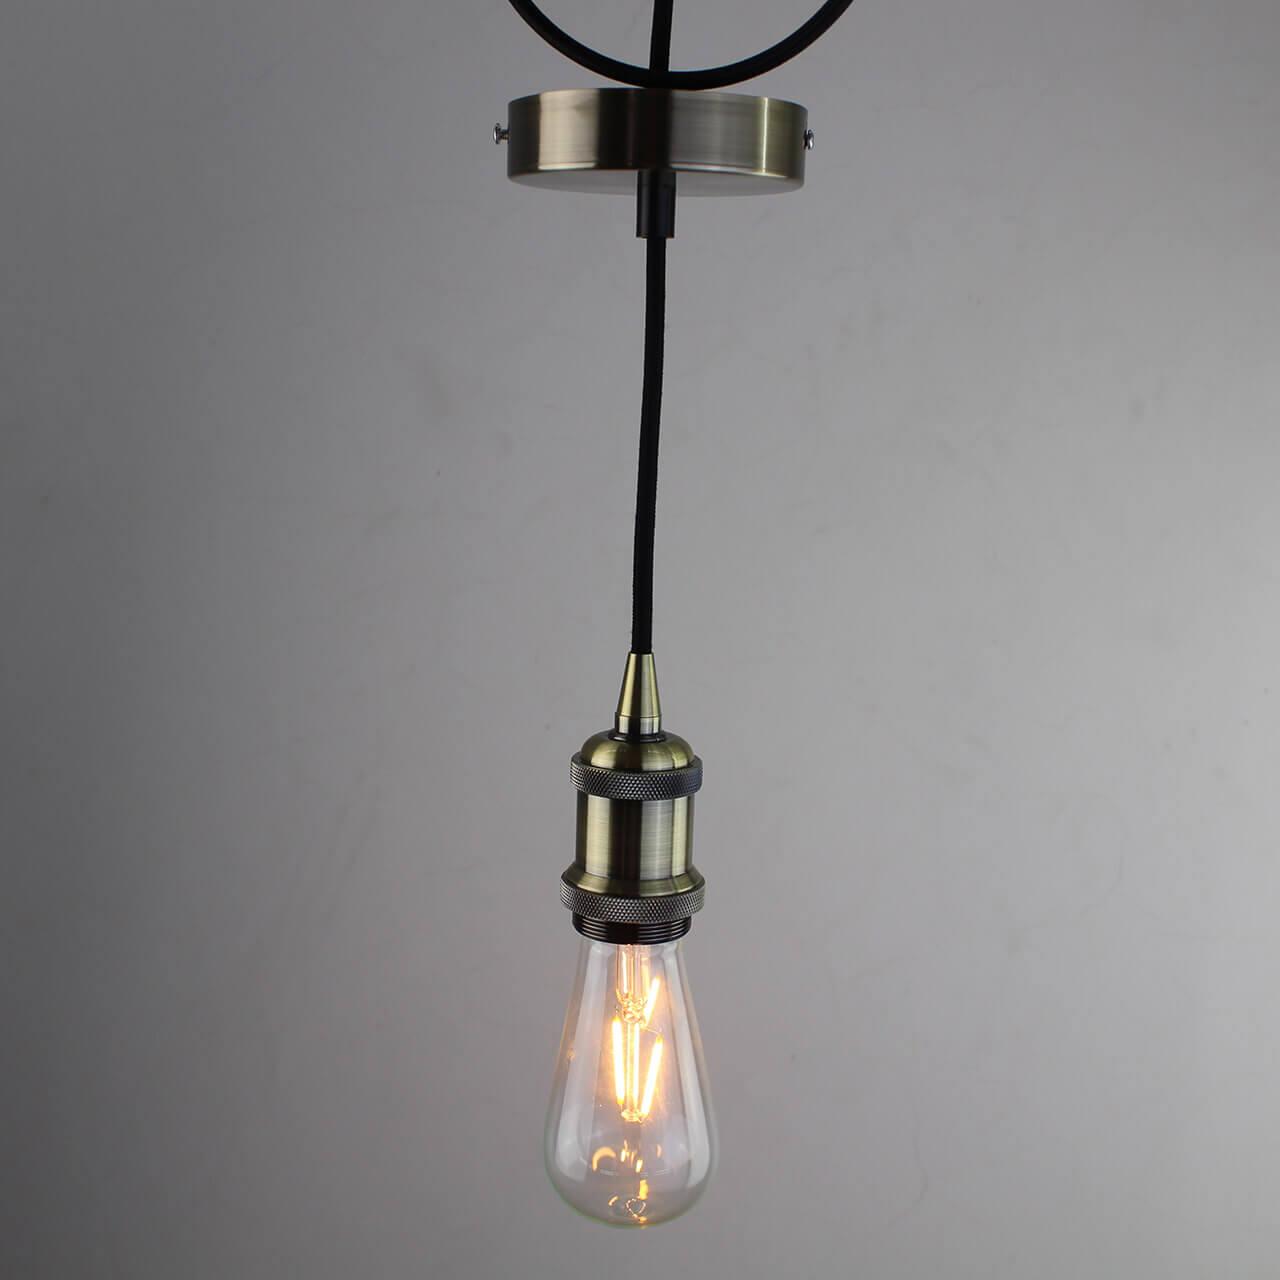 купить Подвесной светильник Sun Lumen 056-588 онлайн